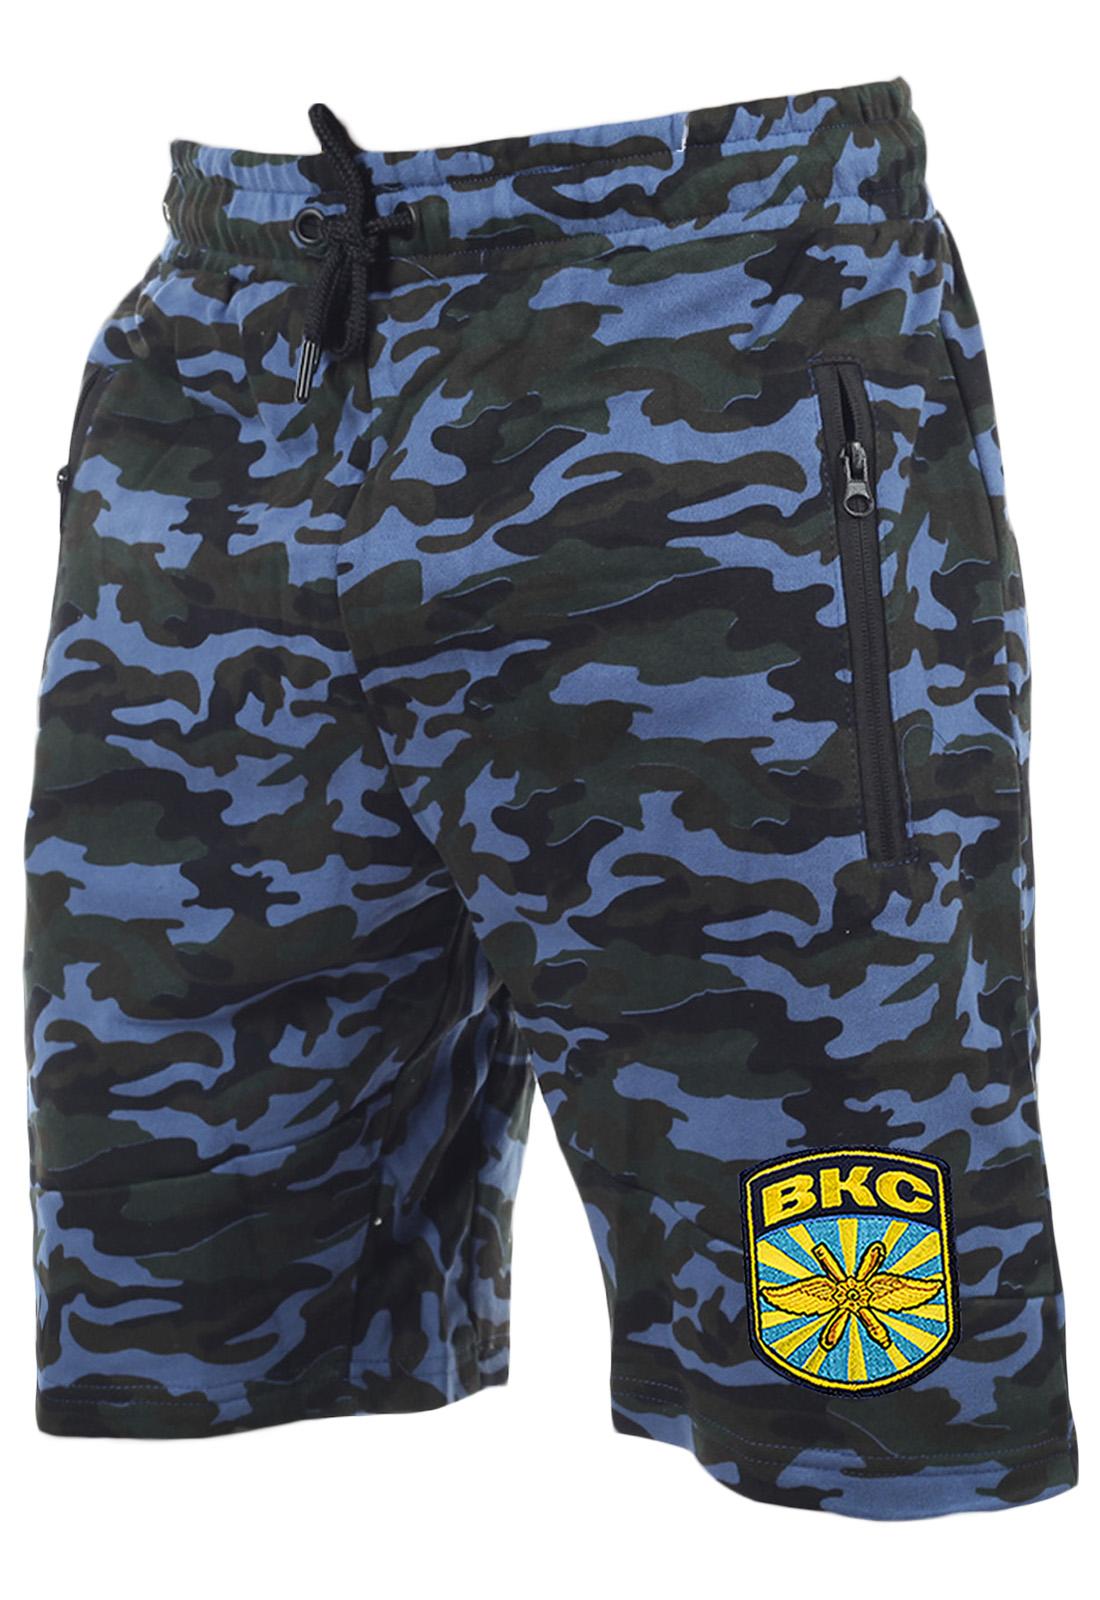 Особенные шорты с карманами и нашивкой ВКС